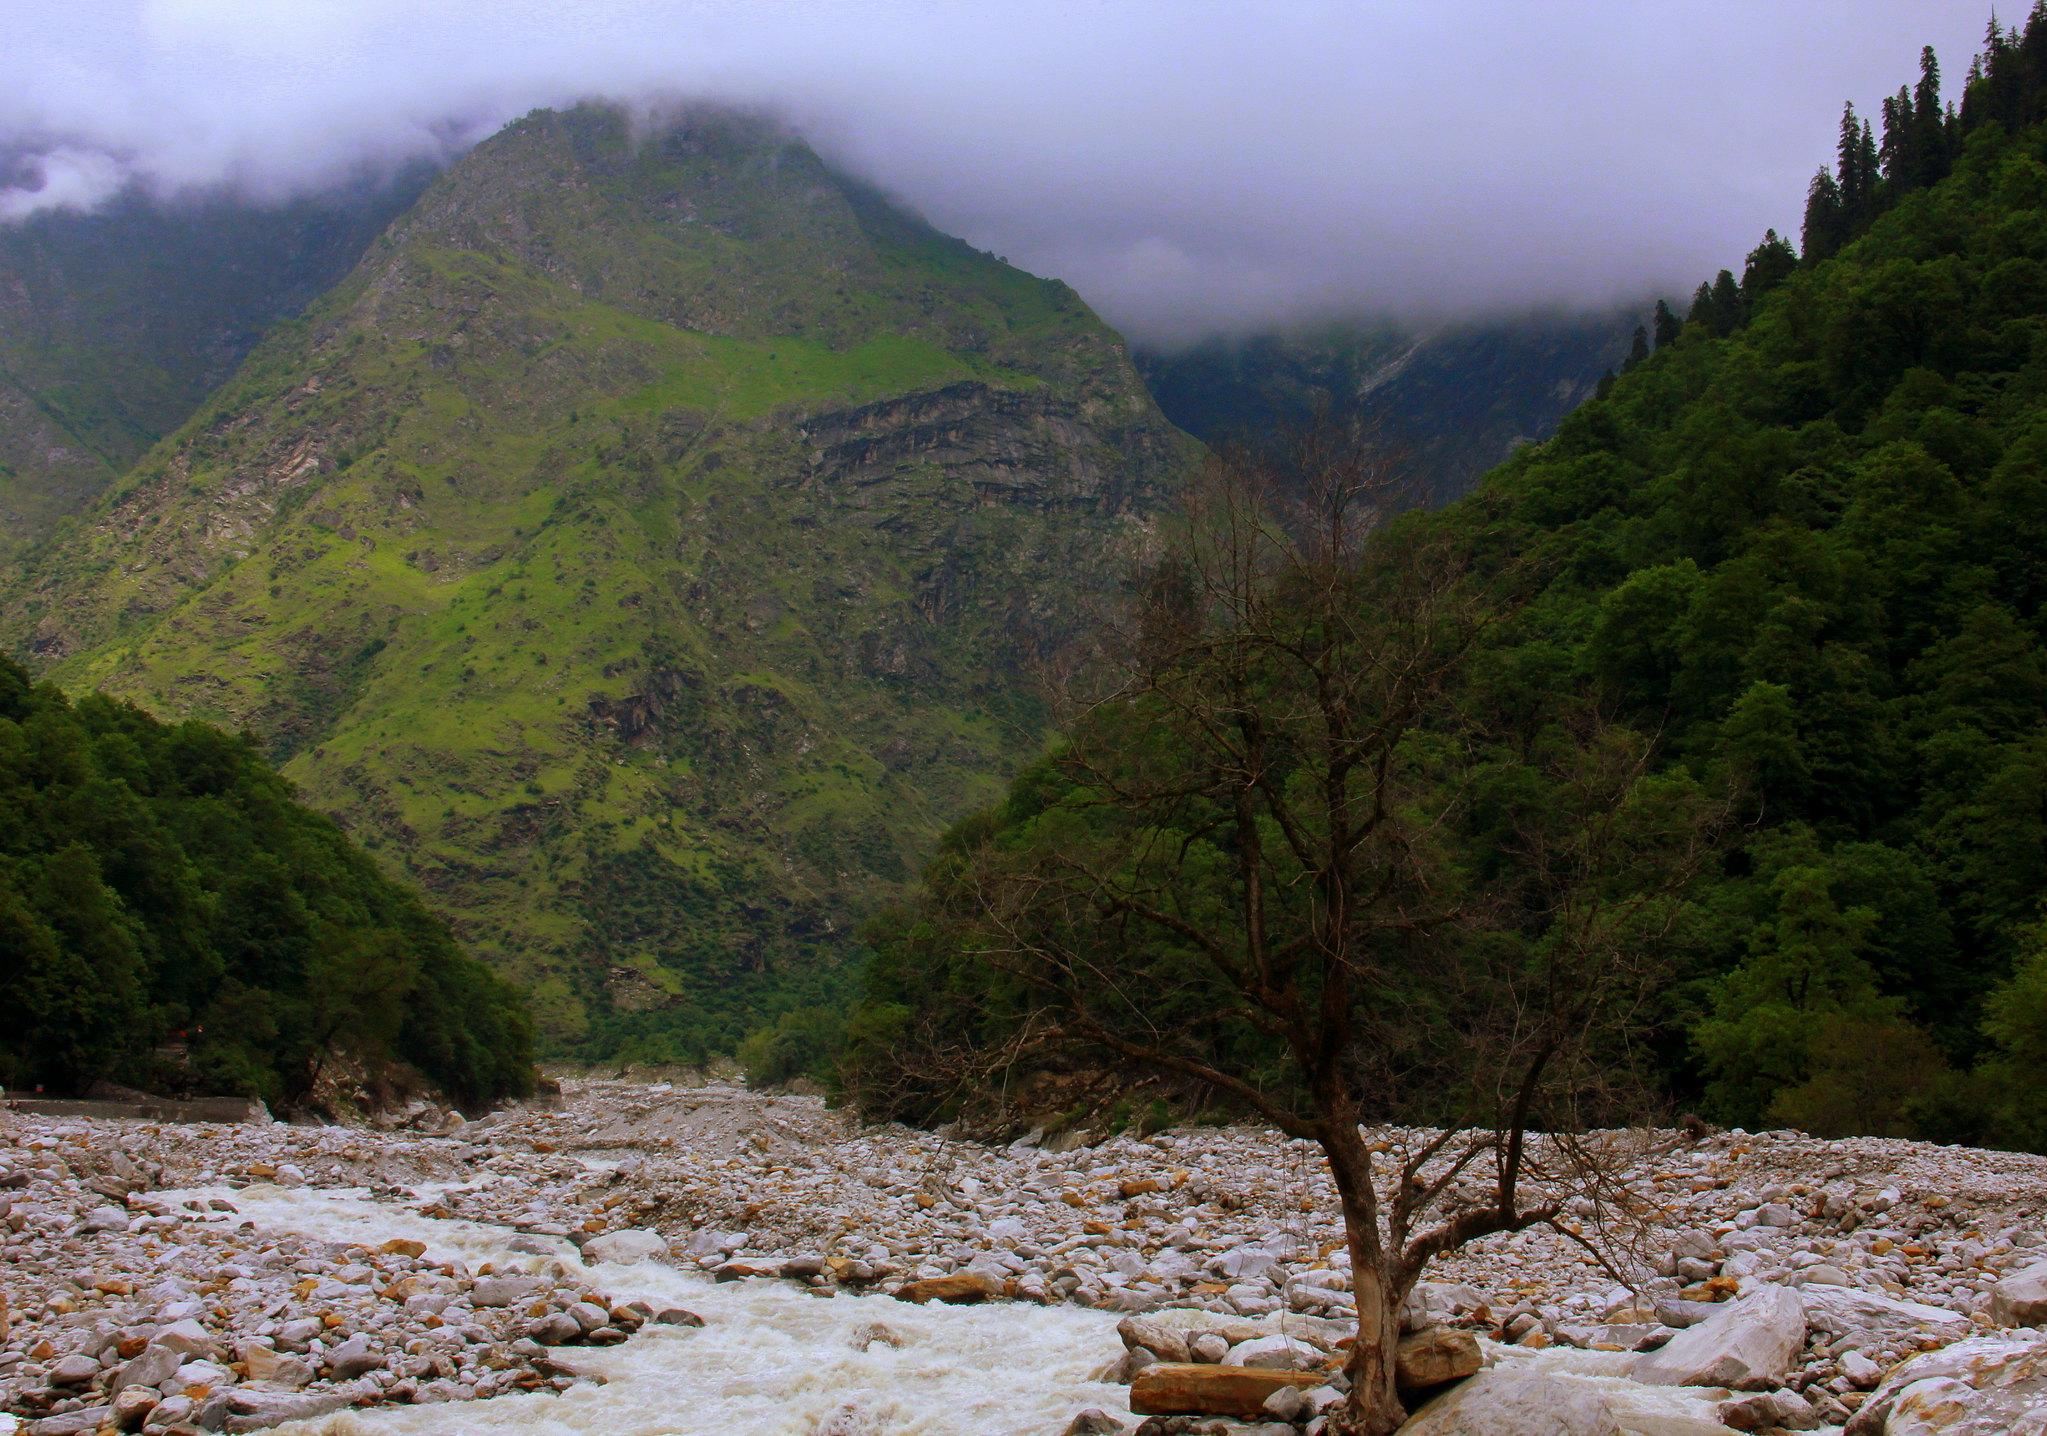 Ghangaria is the last stop of the Valley of Flowers trek